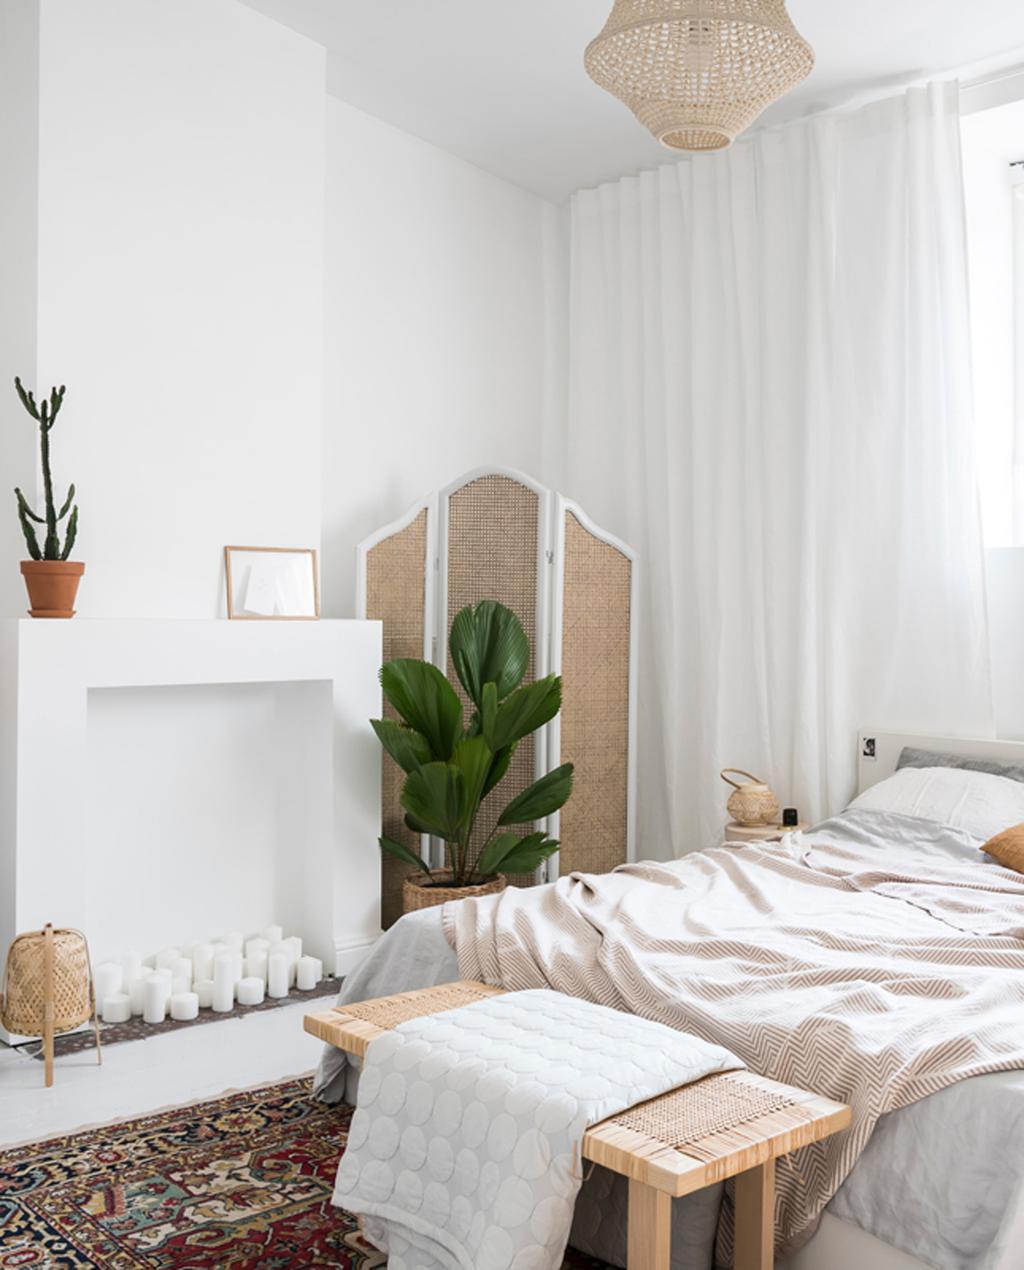 vtwonen 13 | Binnenkijken in een burgerwoning in Antwerpen slaapkamer